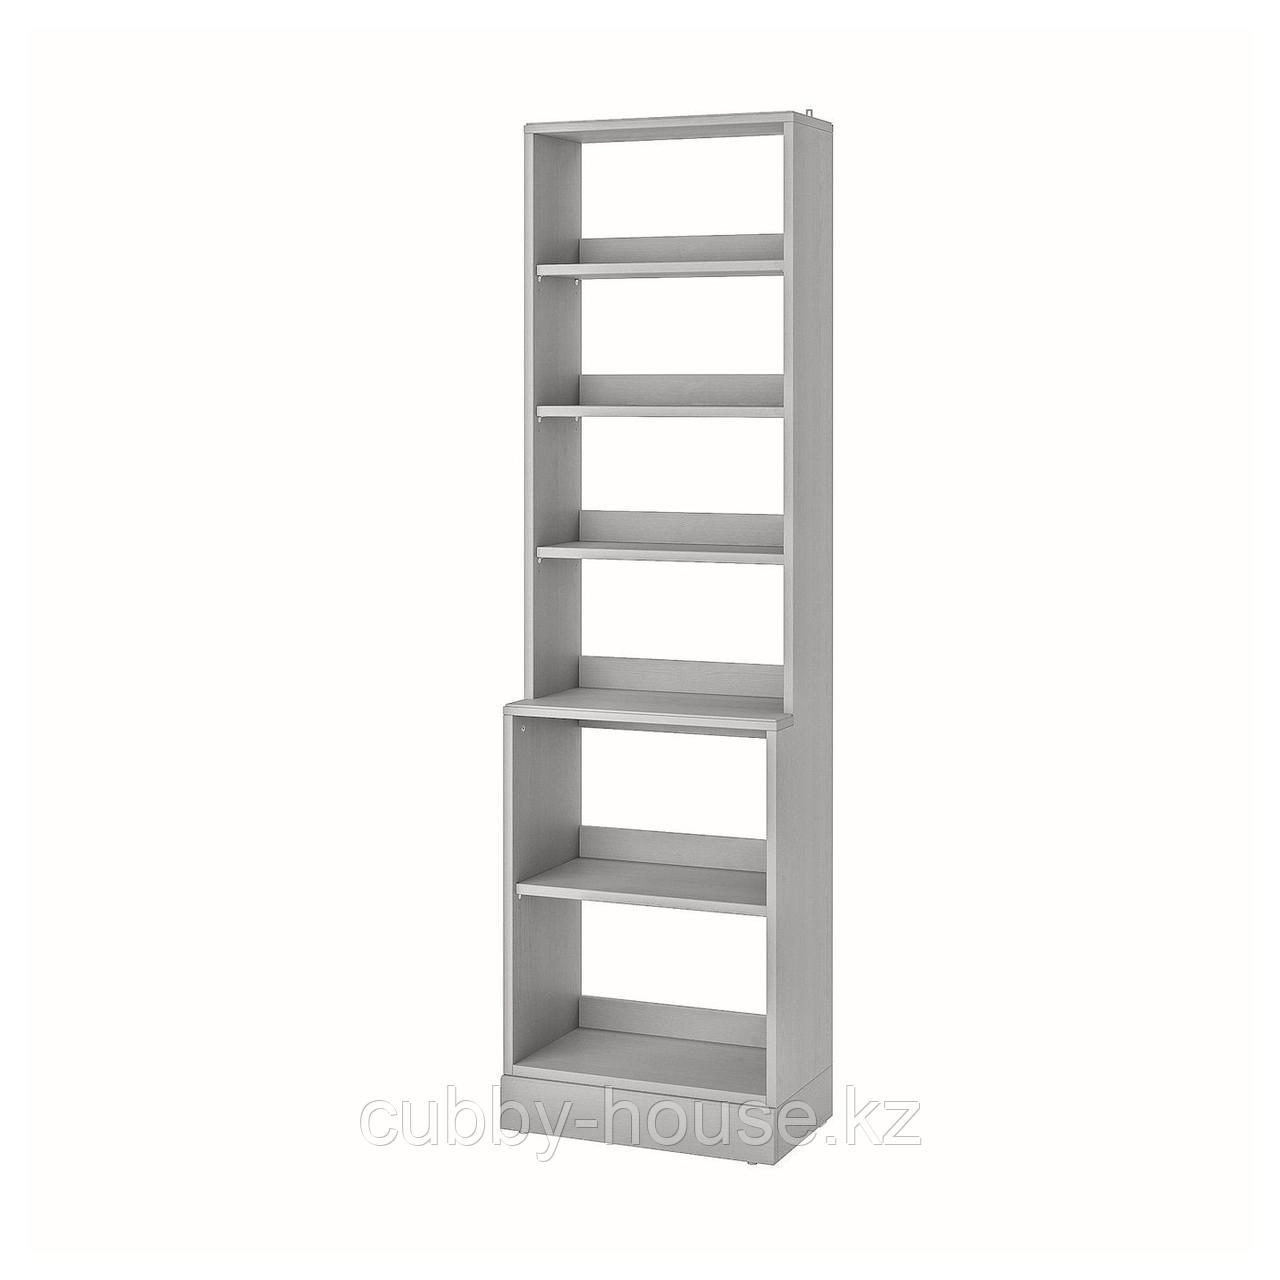 ХАВСТА Стеллаж с цоколем, серый, 61x37x212 см